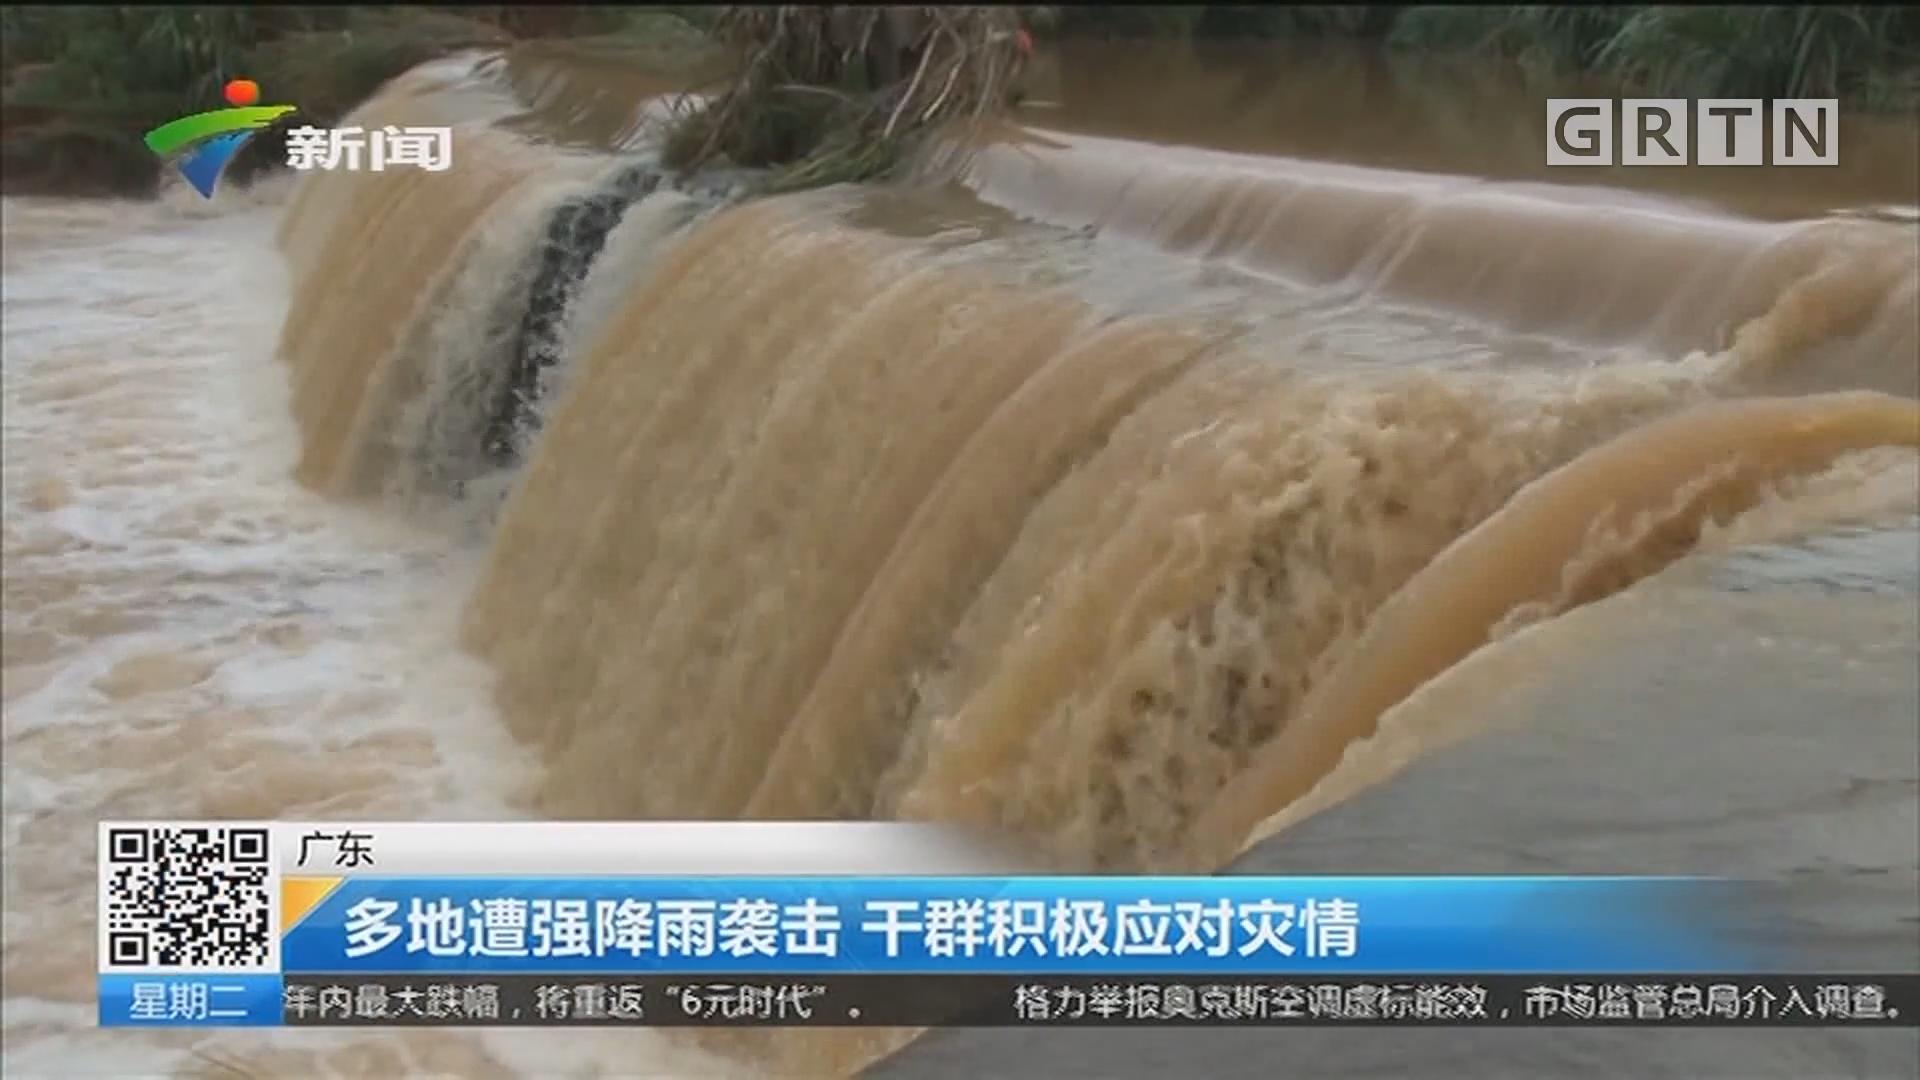 广东:多地遭强降雨袭击 干群积极应对灾情